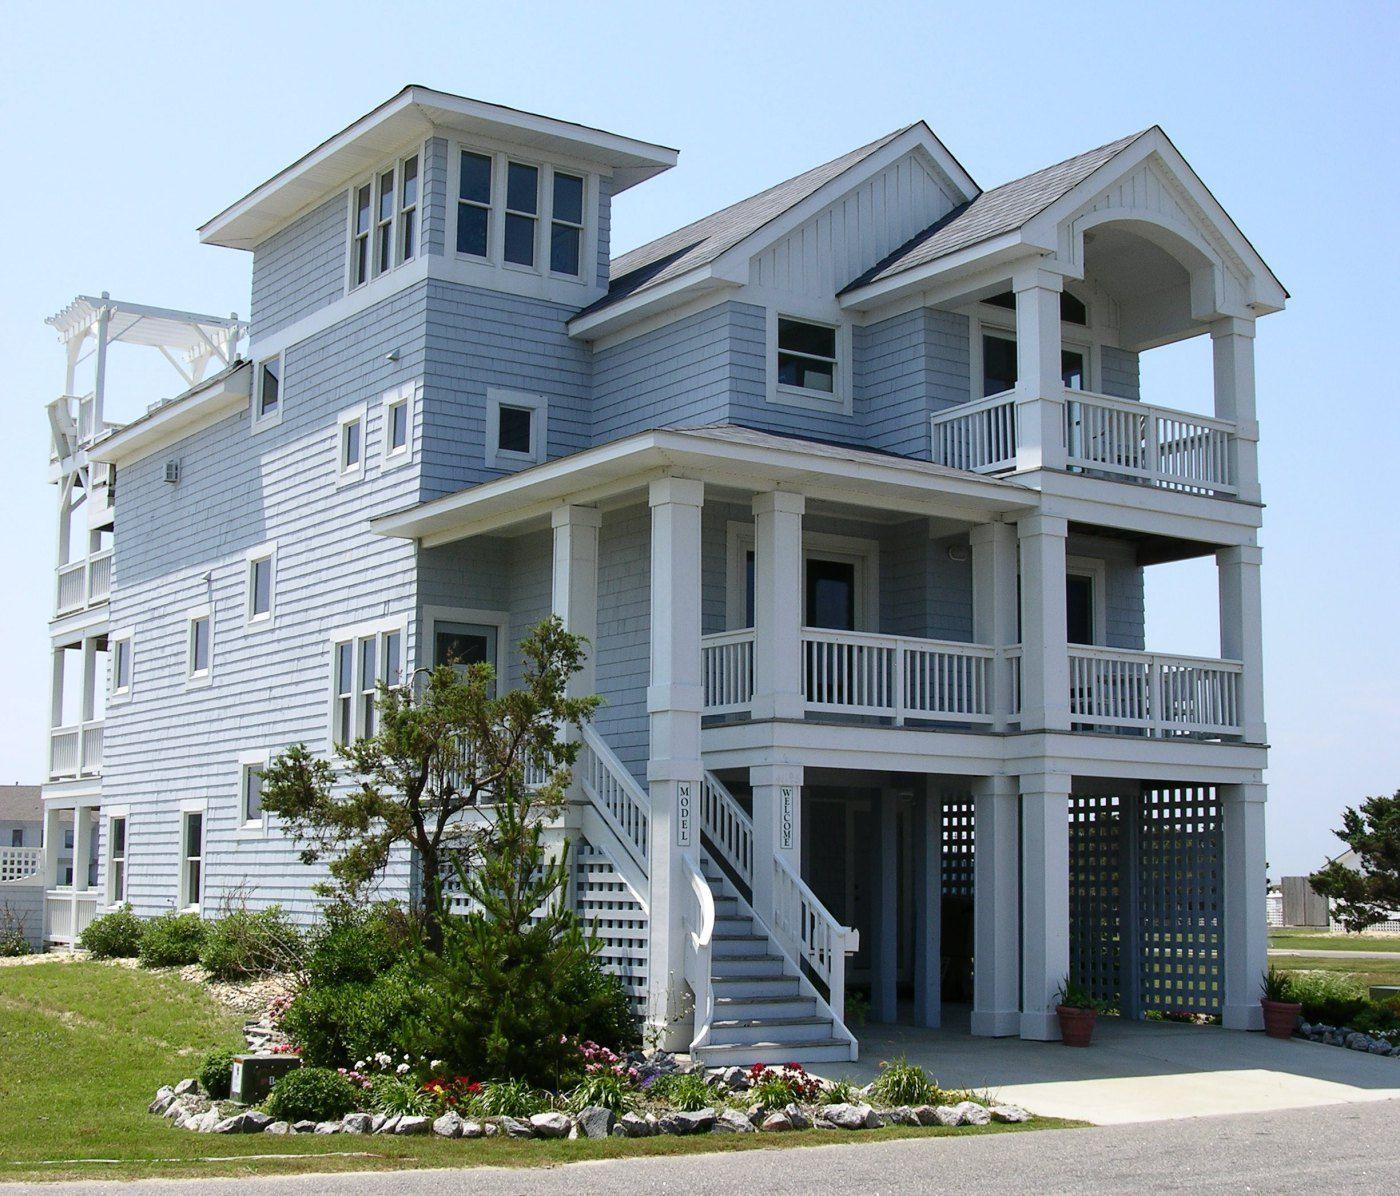 2500 Sq Ft 3000 Sq Ft Florez Design Studios Beach House Floor Plans Beachfront House Coastal House Plans